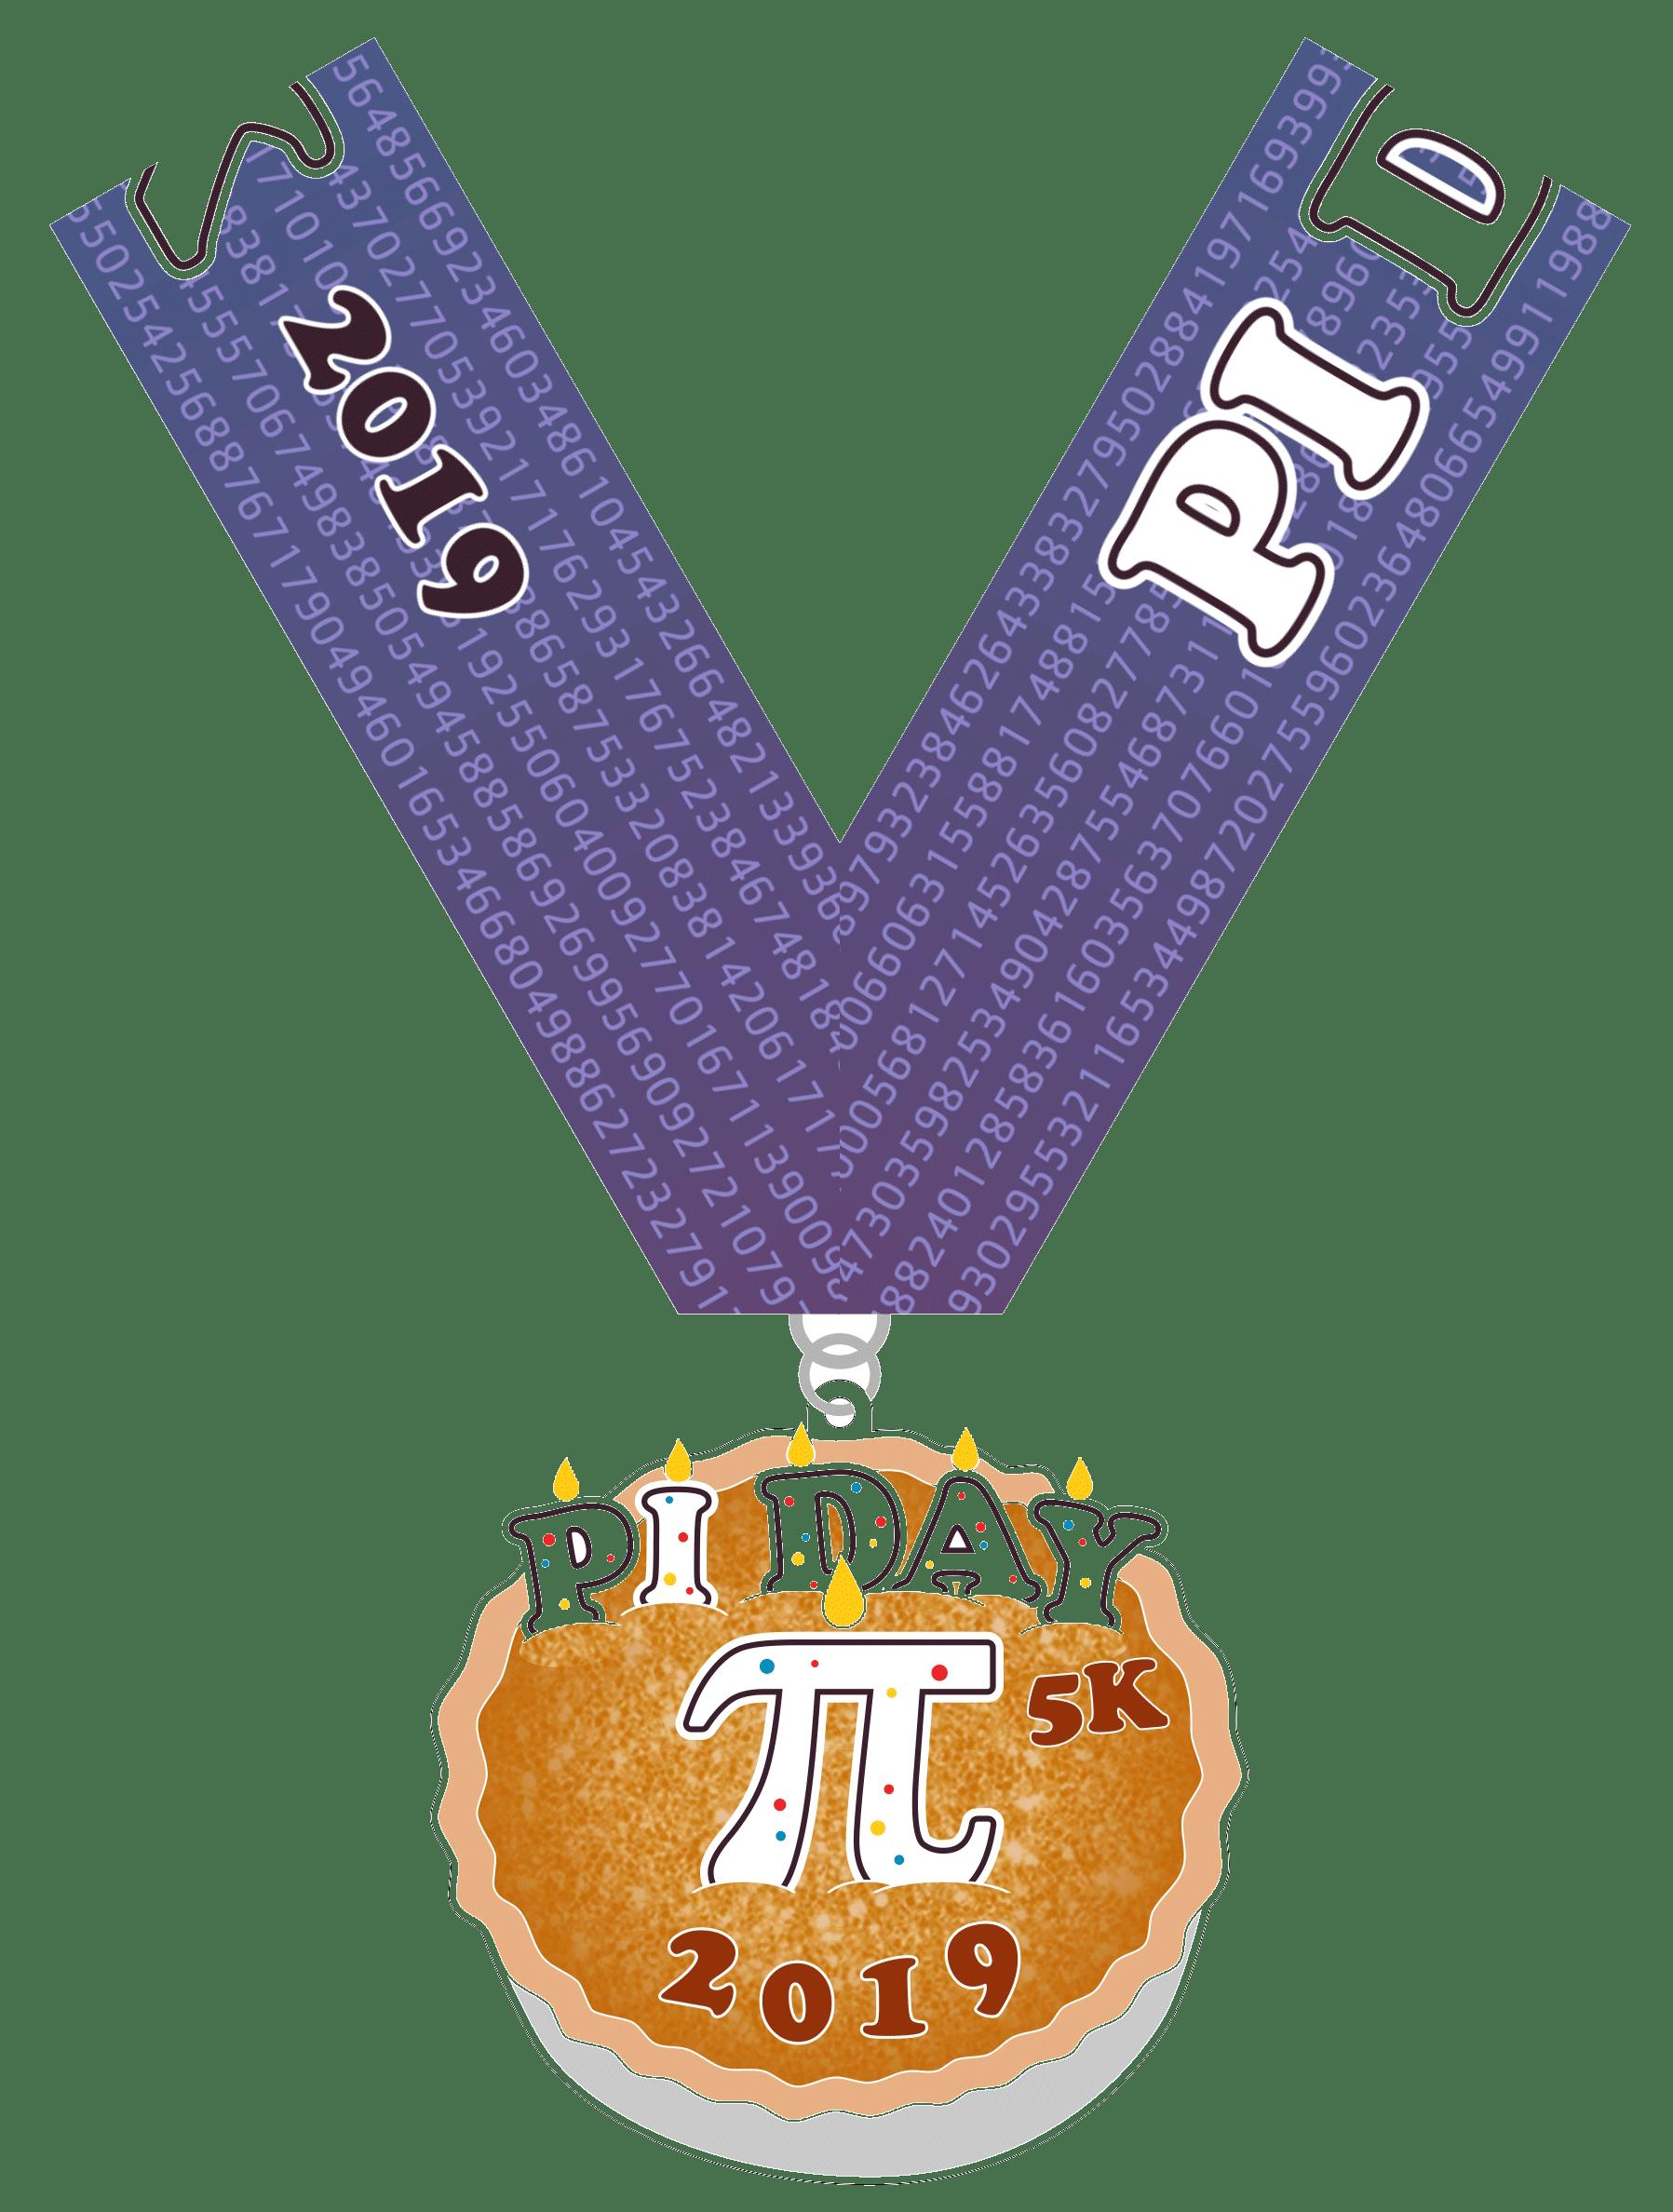 2019 Pi Day 5K -Nashville